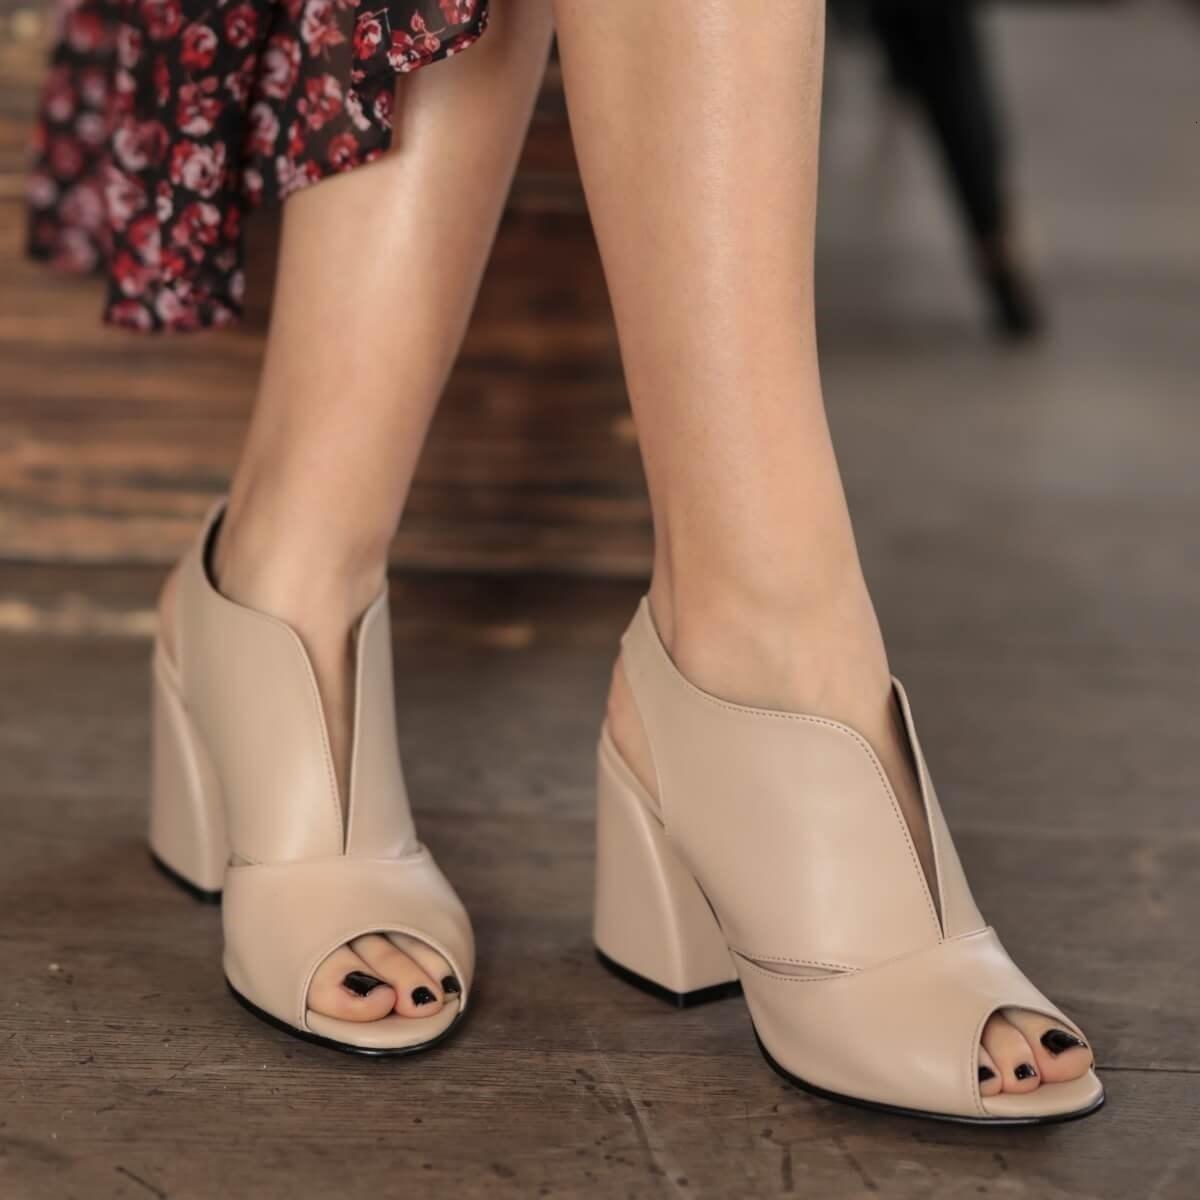 드레스 신발 미오 Gusto 브랜드 헤이즐, 피부 분말 / 블랙 컬러, 고품질 9cm 힐 높이, 여성 패션 펌프 RKOQ